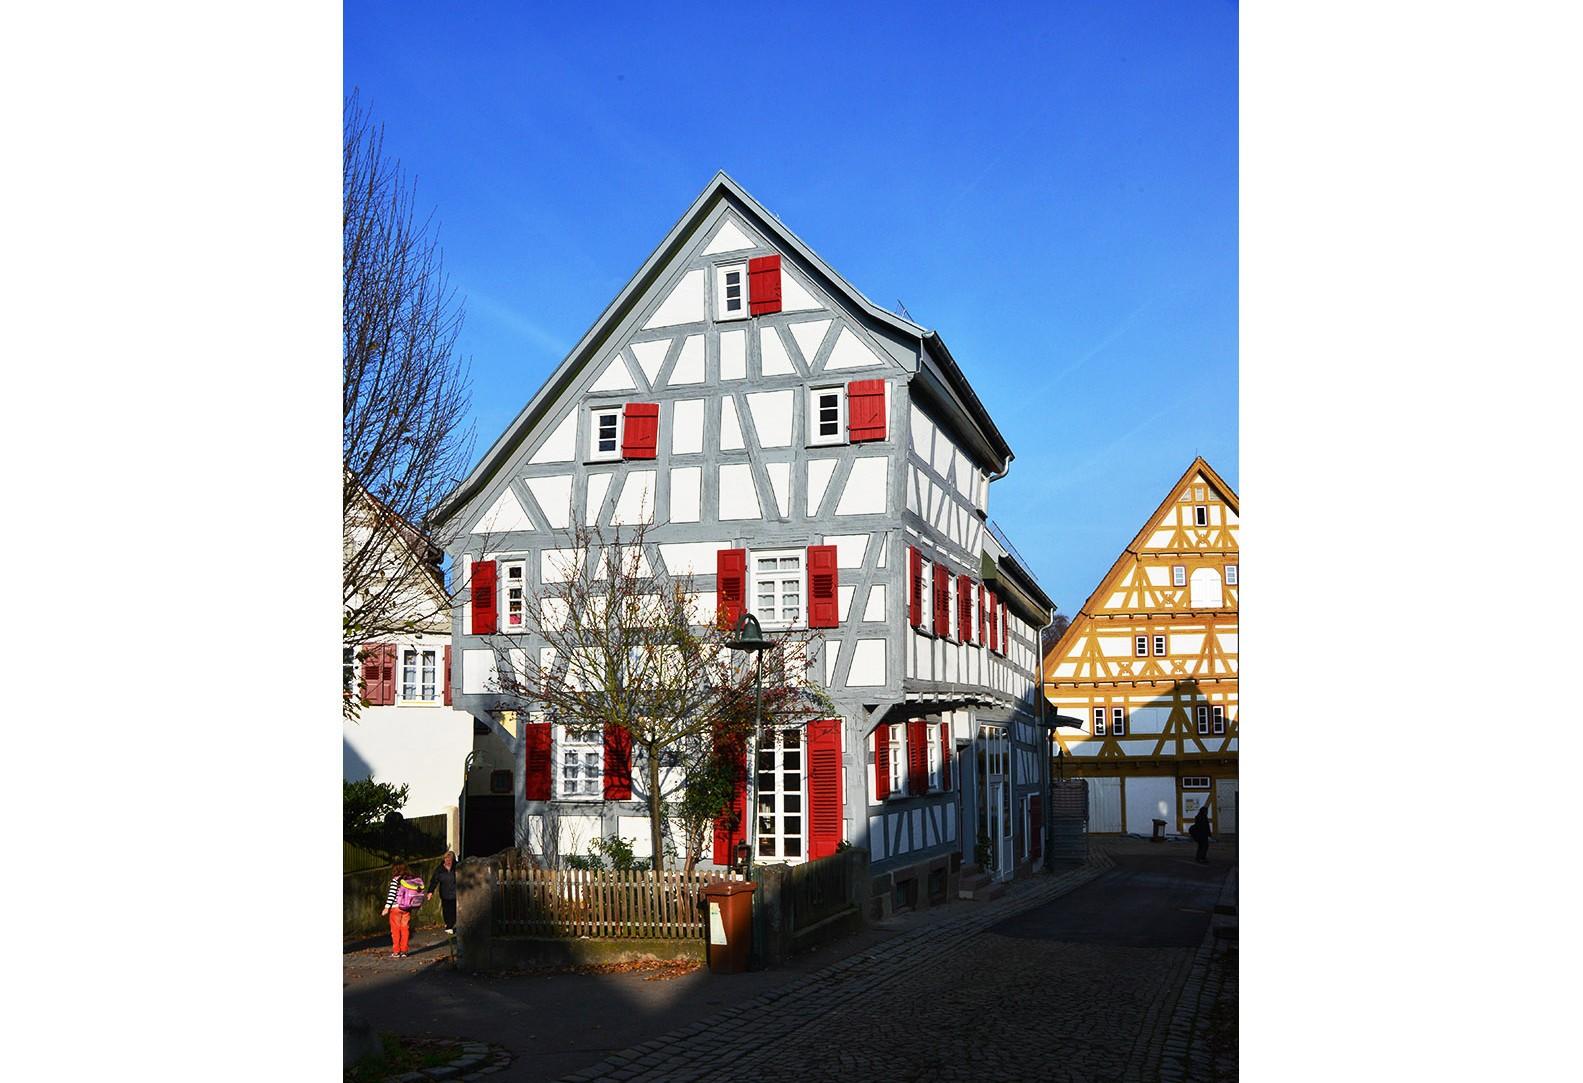 Umbau und Sanierung eines denkmalgeschützten Wohnhauses - Waiblingen